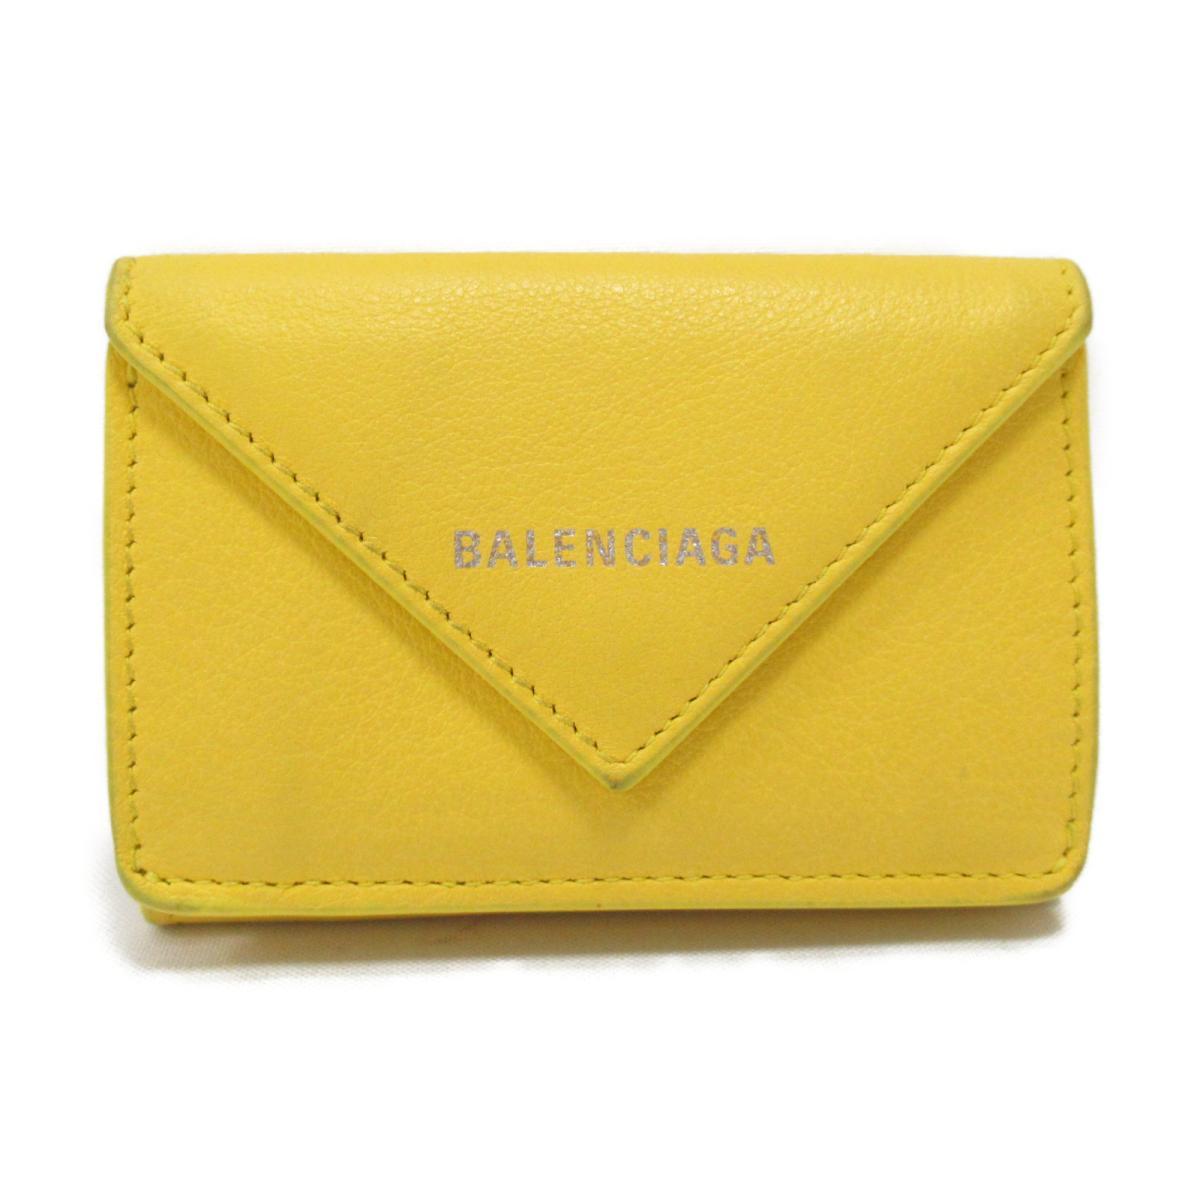 【中古】バレンシアガ ペーパーミニウォレット 三つ折財布 財布 ユニセックス レザー イエロー (391446)